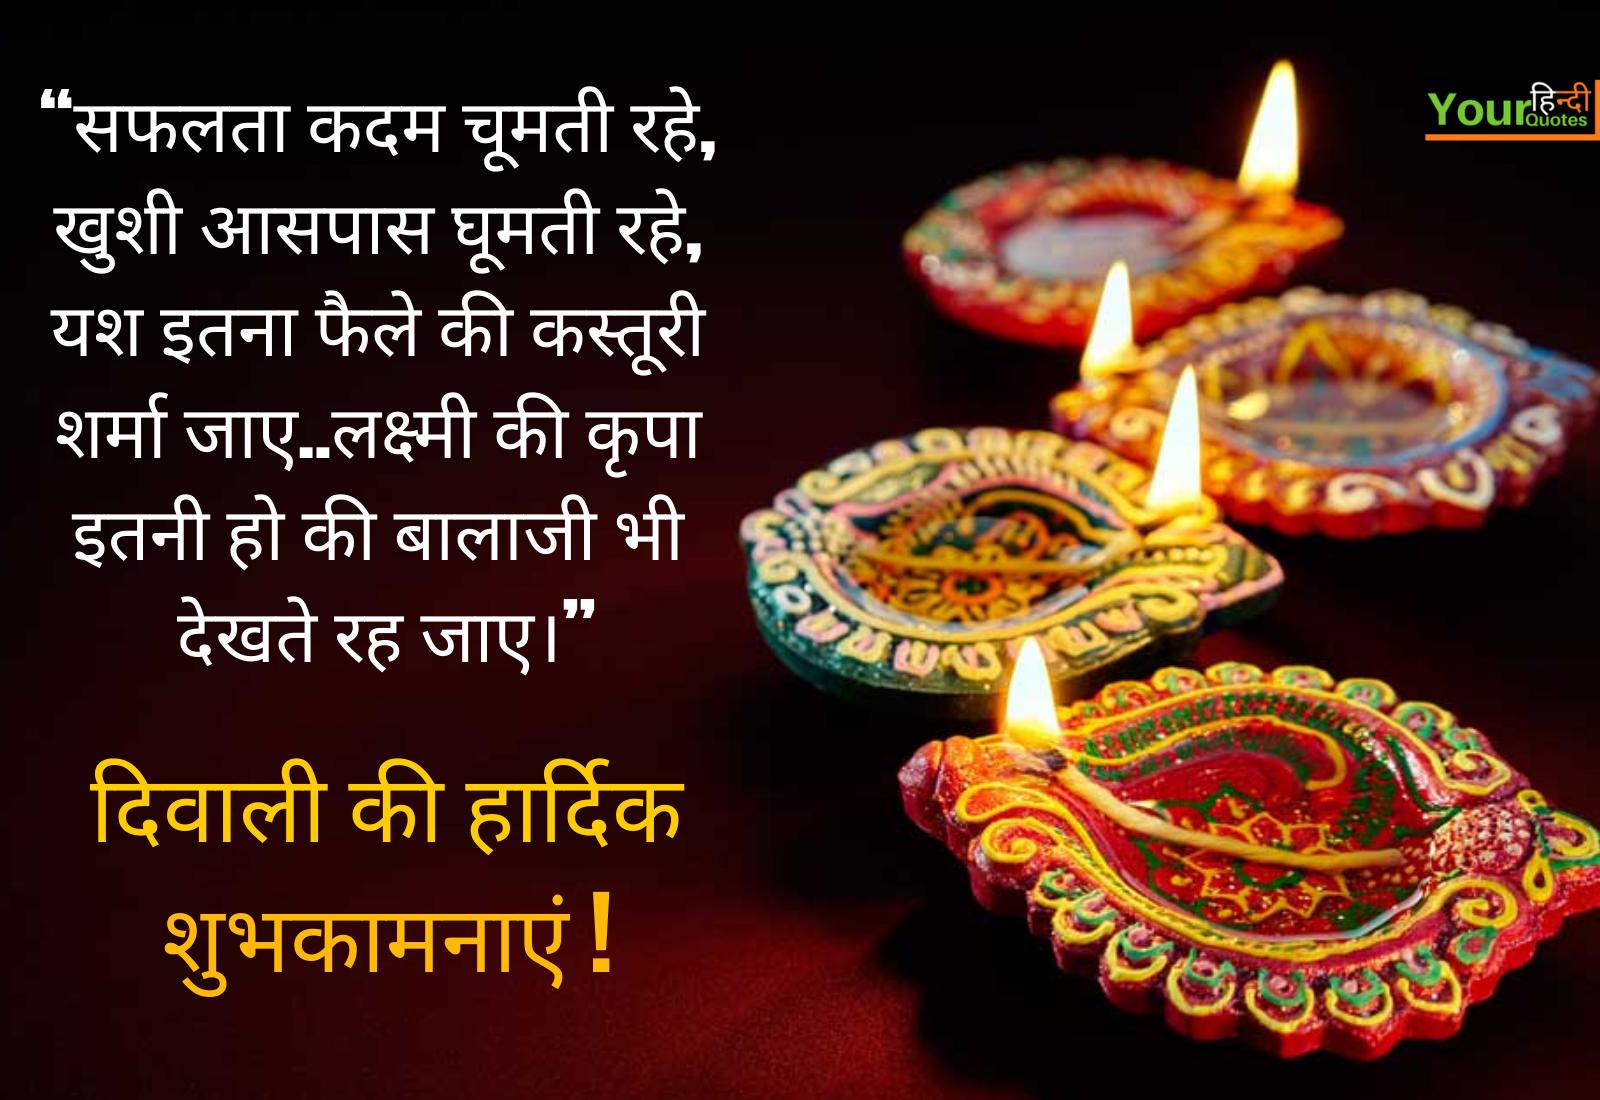 Diwali Wishes Hindi Image